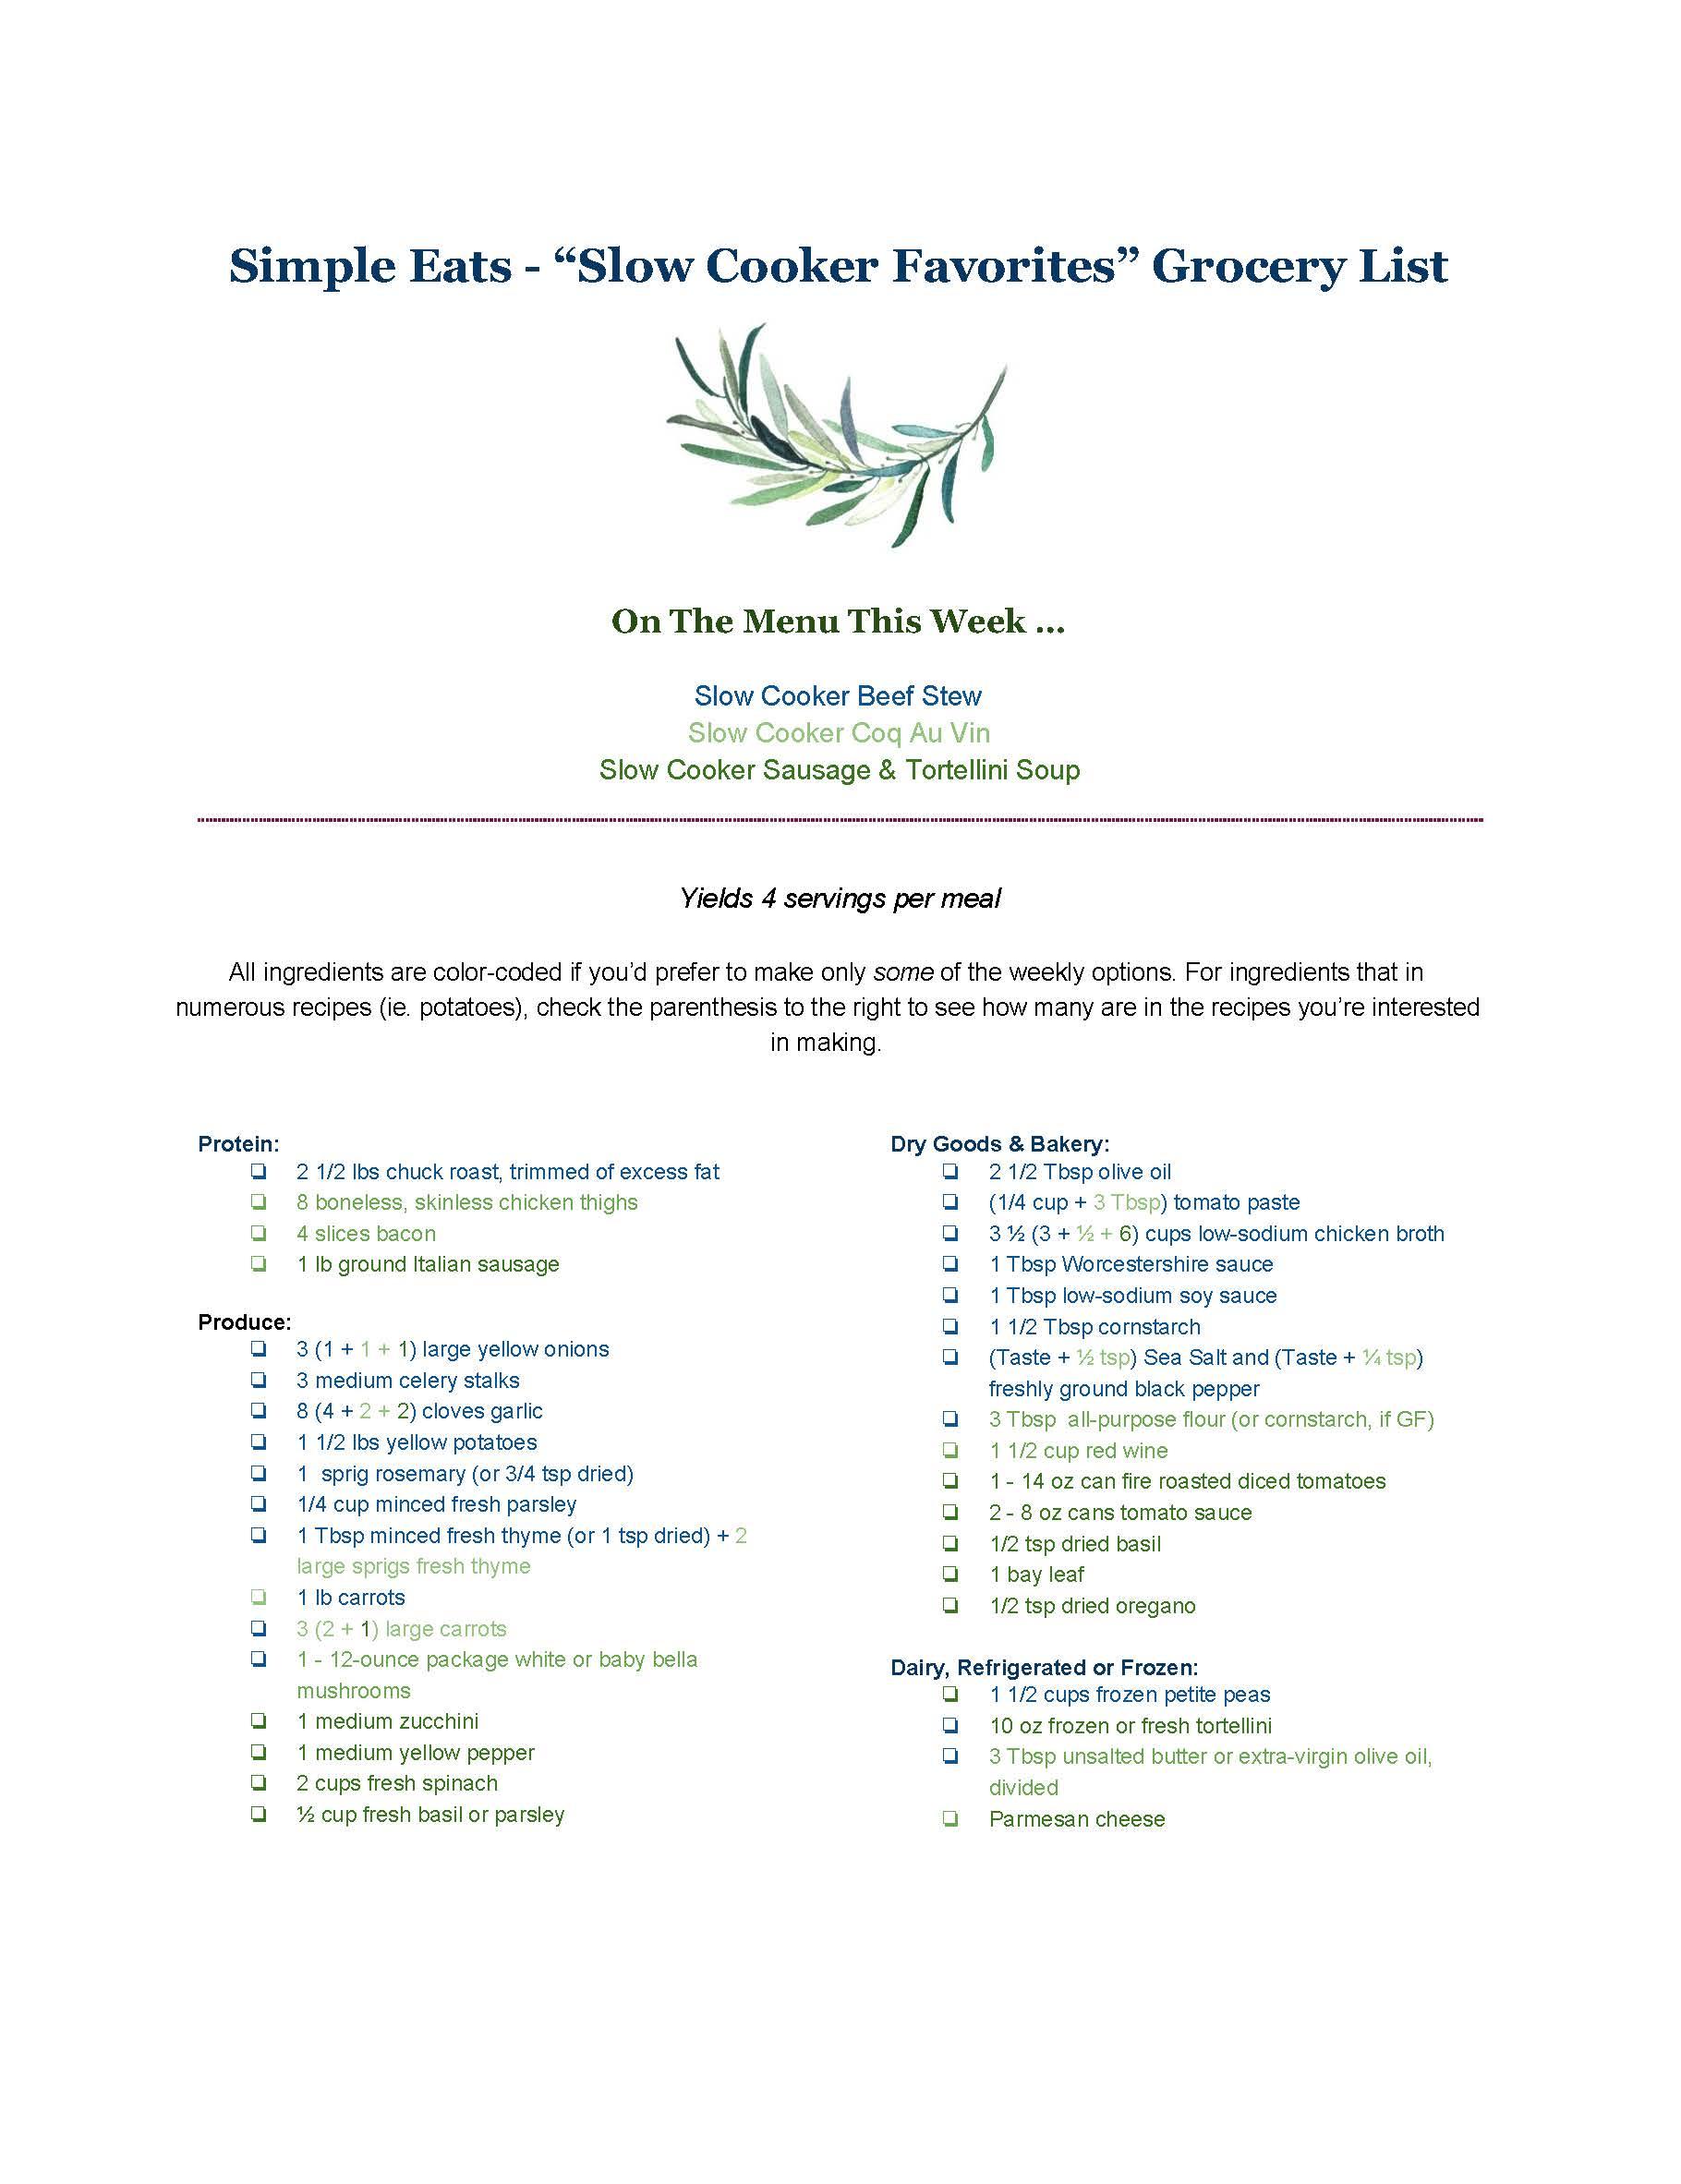 """Simple Eats - """"Slow Cooker Favorites"""" Grocery List.jpg"""